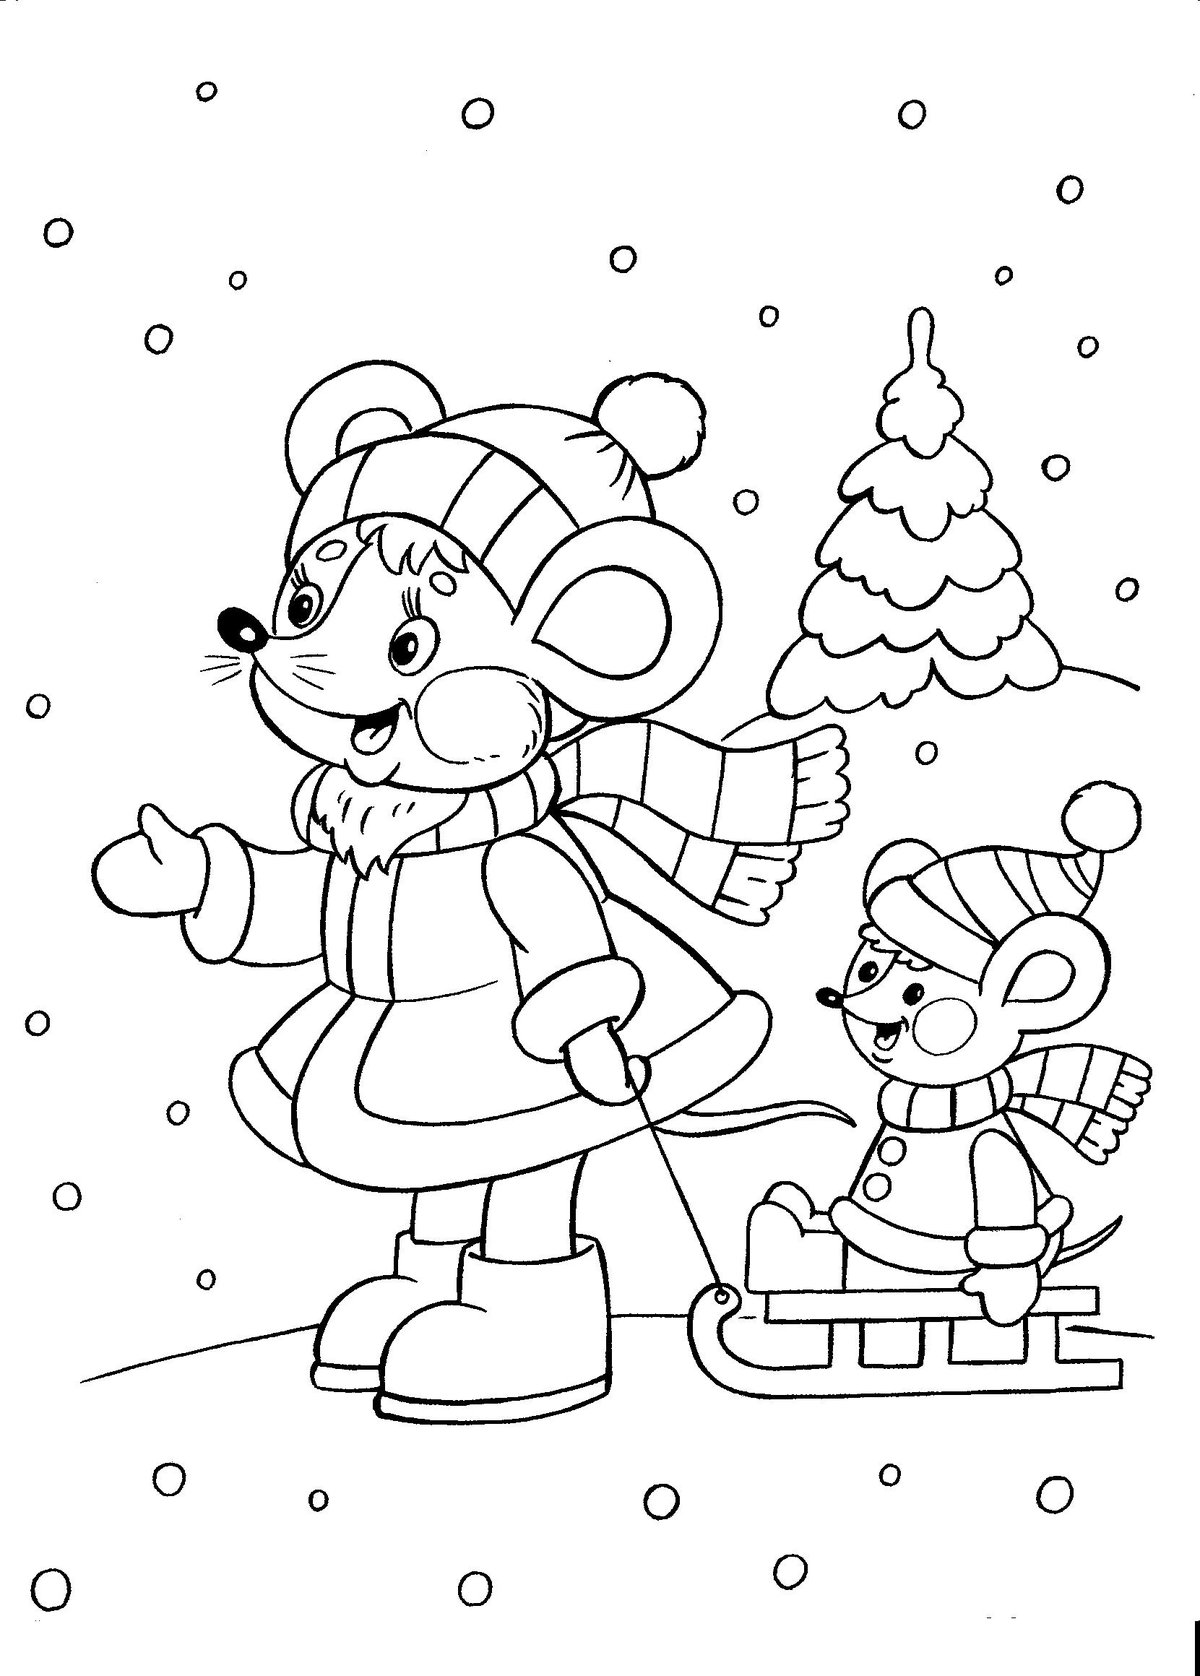 Раскраски новый год для детей 4-5 лет